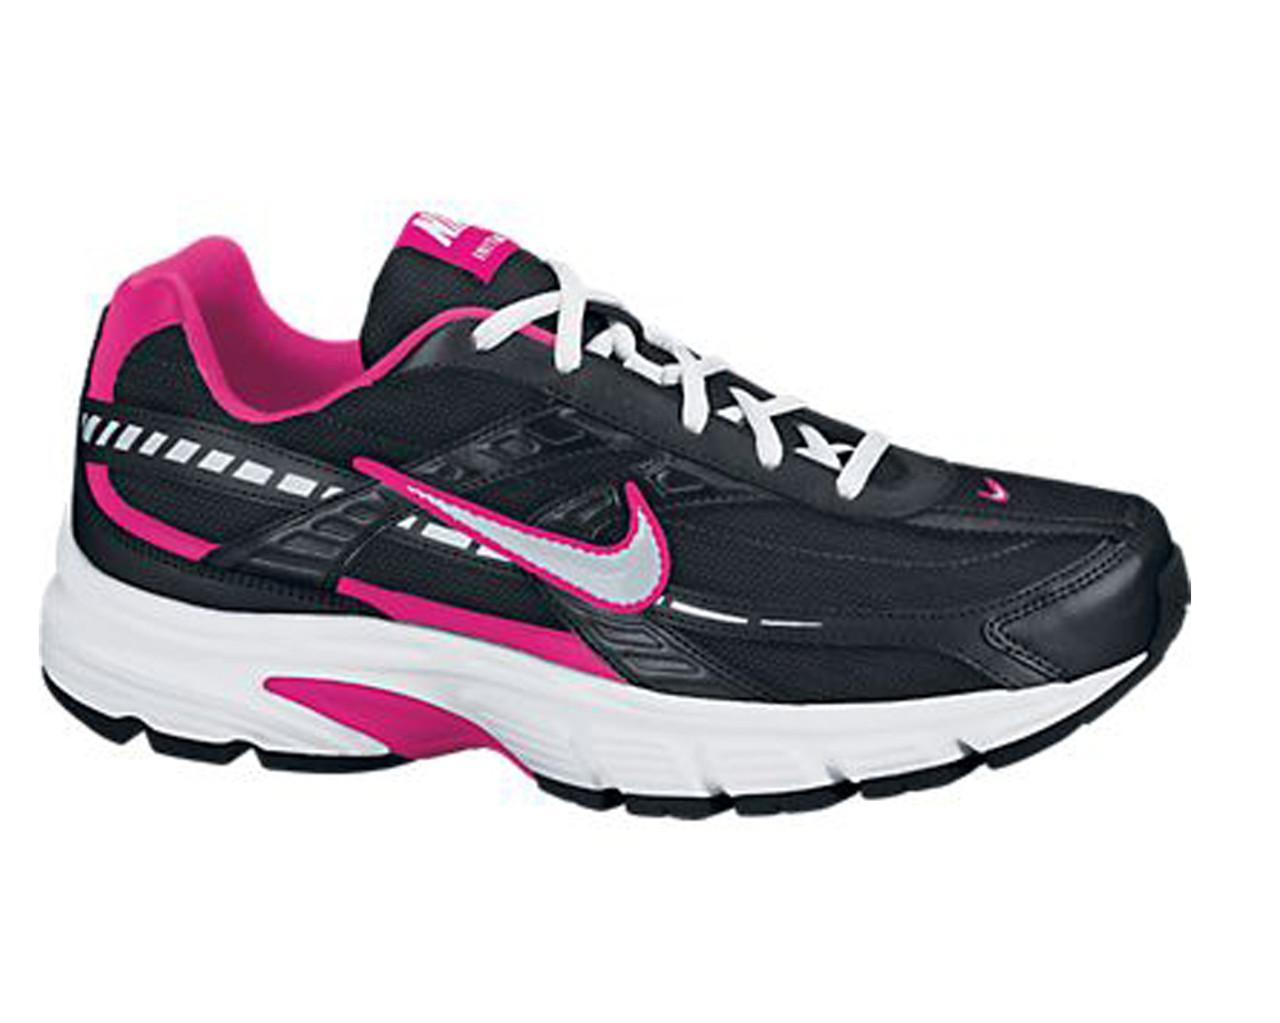 3350af0305eff Nike Women s Initiator Running Shoes Black Pink - Shop now   Shoolu.com